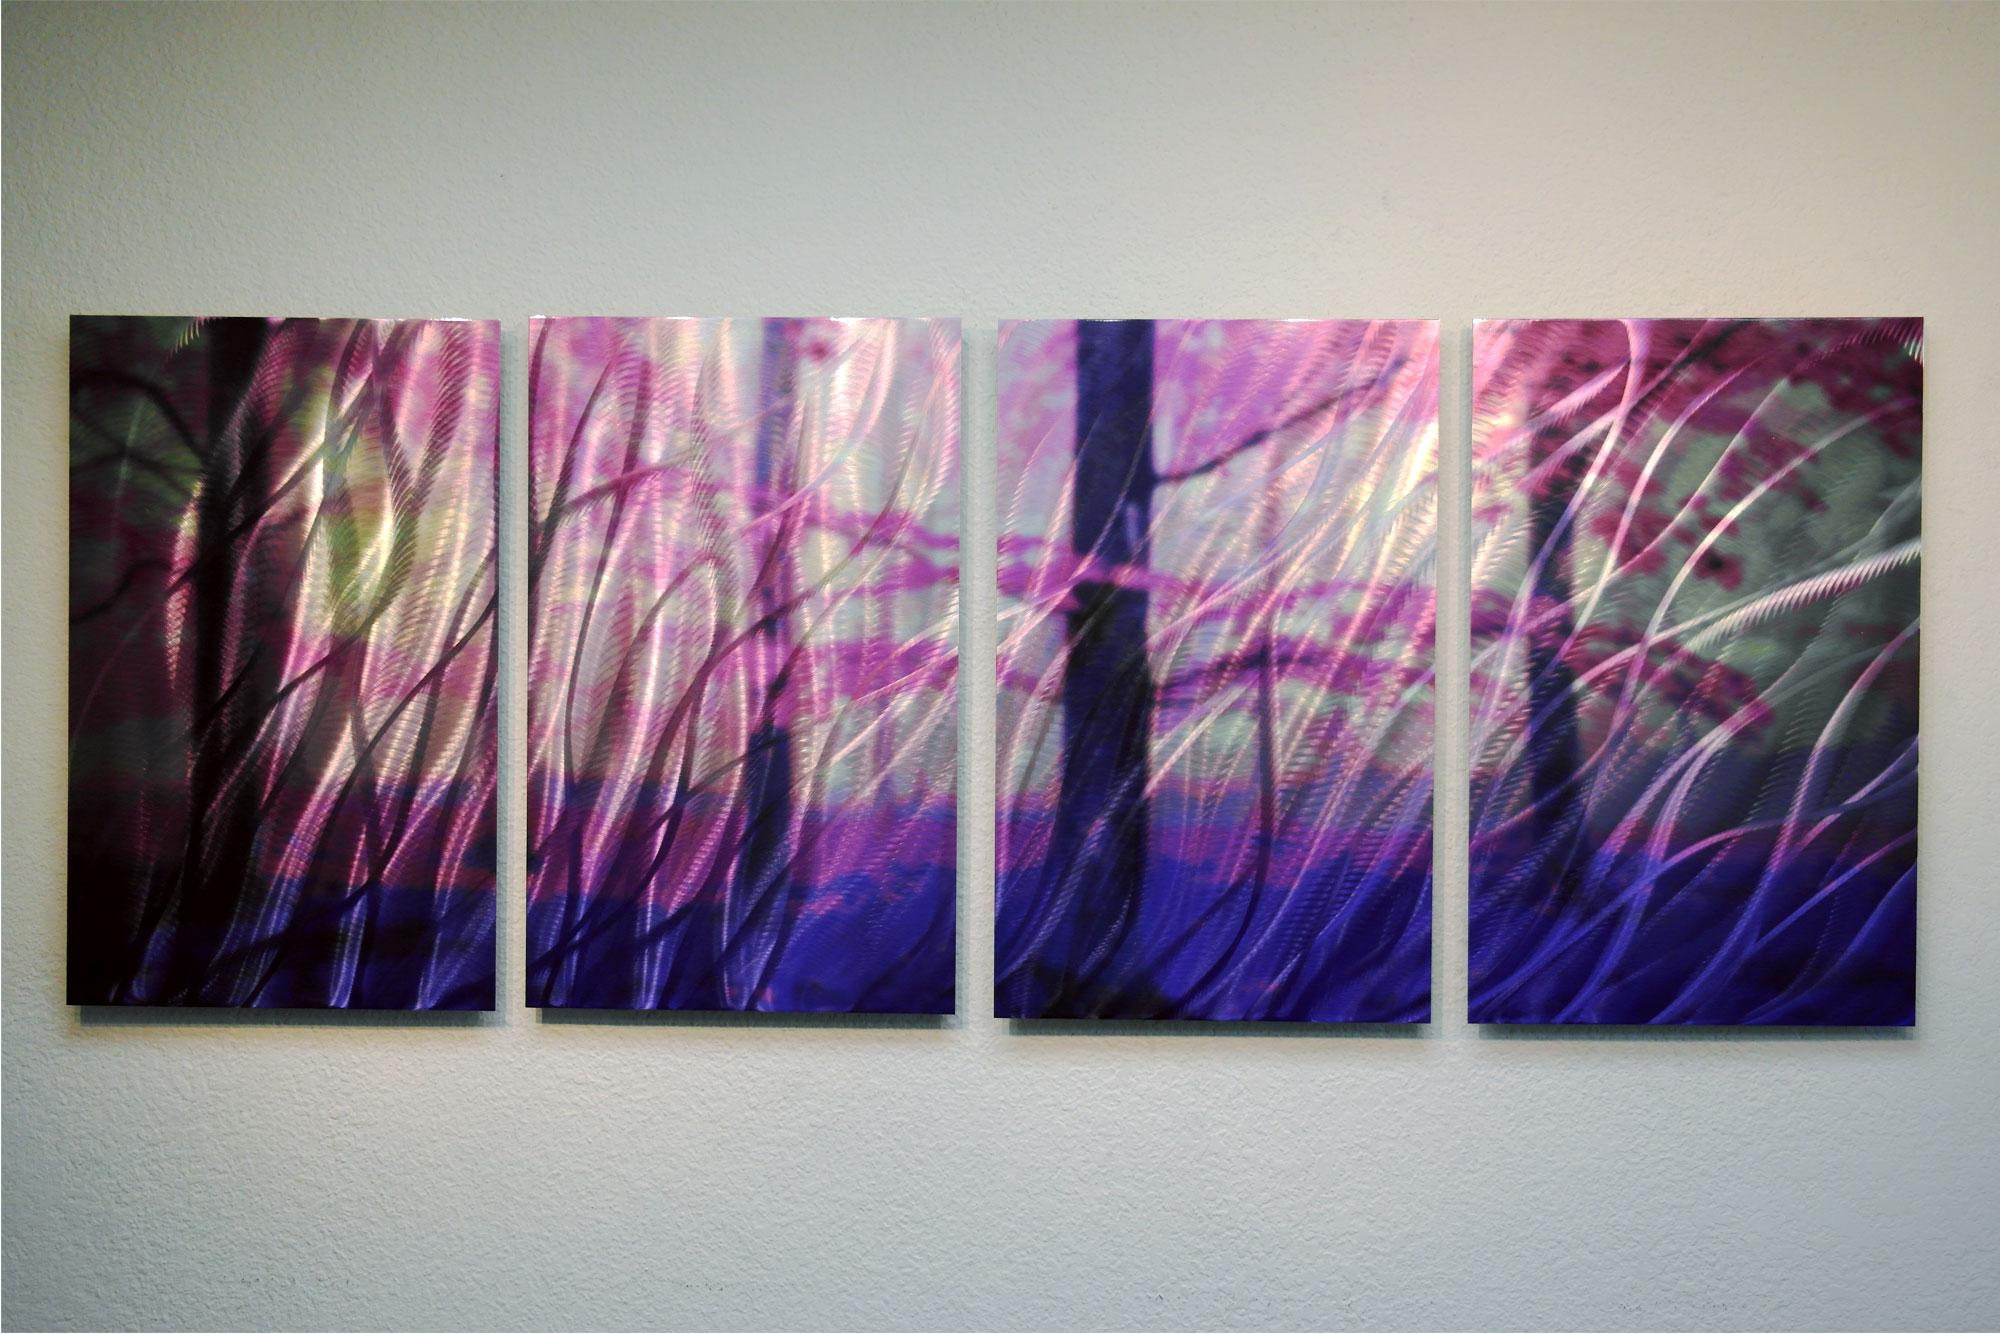 Purple Metal Wall Art cherry blossom 24 - metal wall art abstract sculpture modern decor